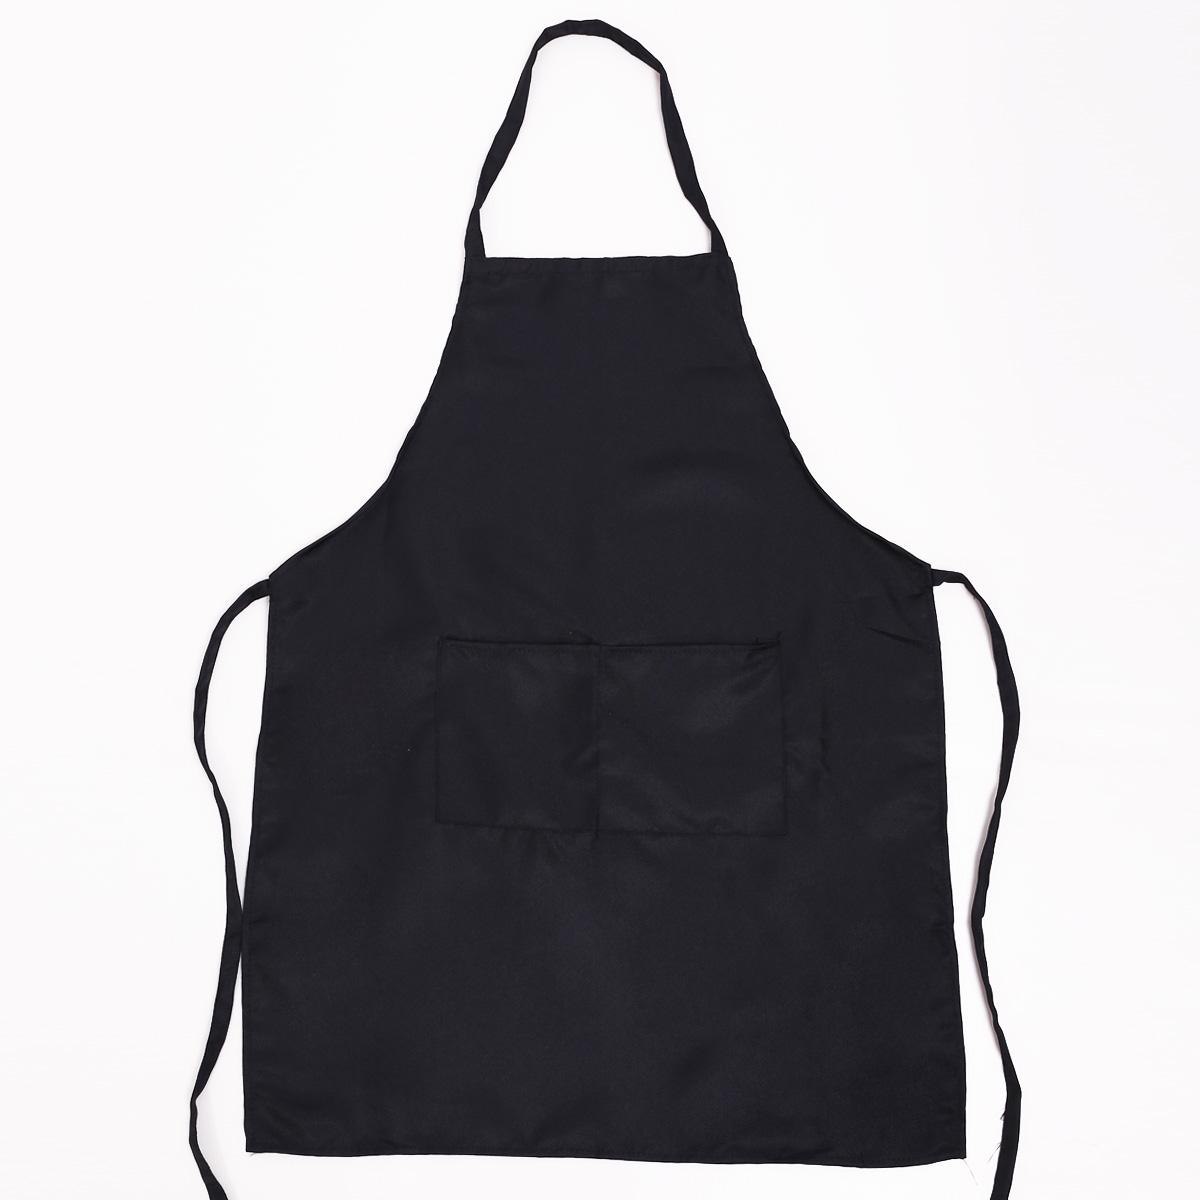 White apron hours - 1 X Apron